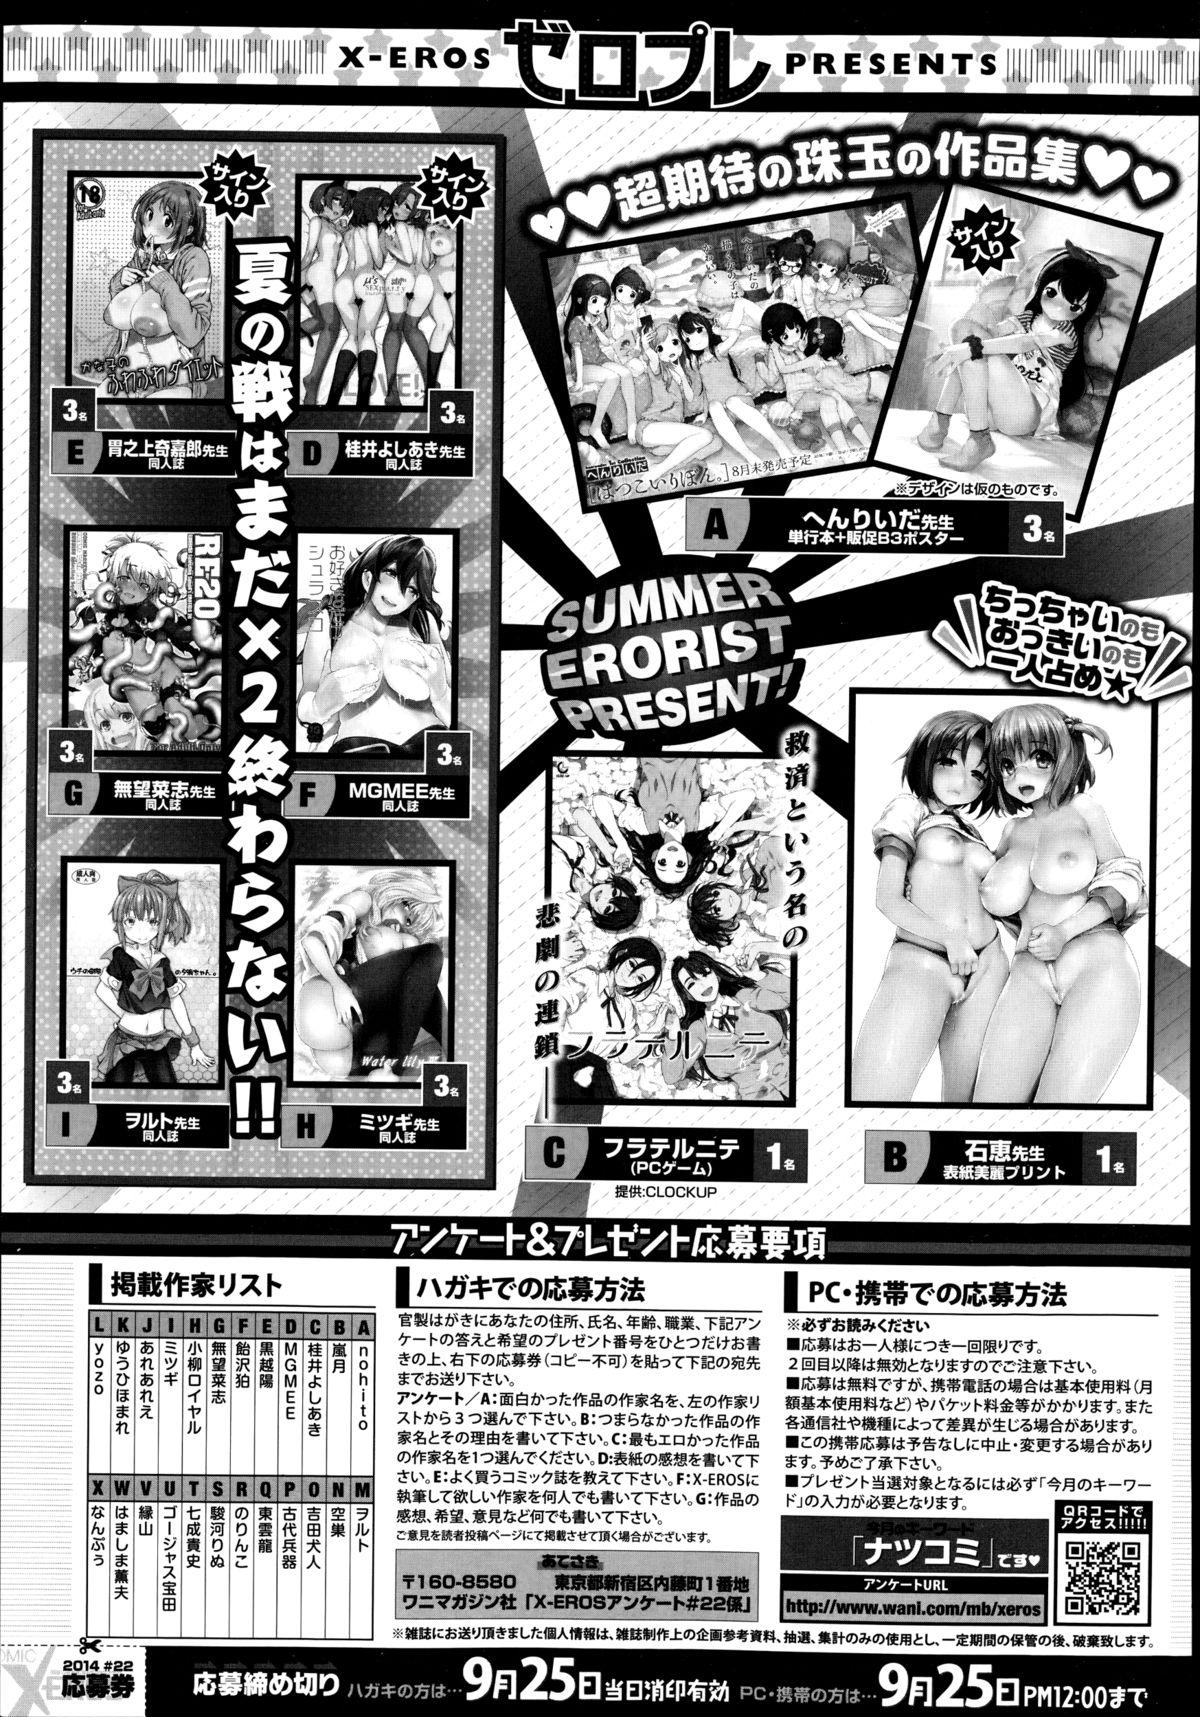 COMIC X-EROS #22 2014-10 479